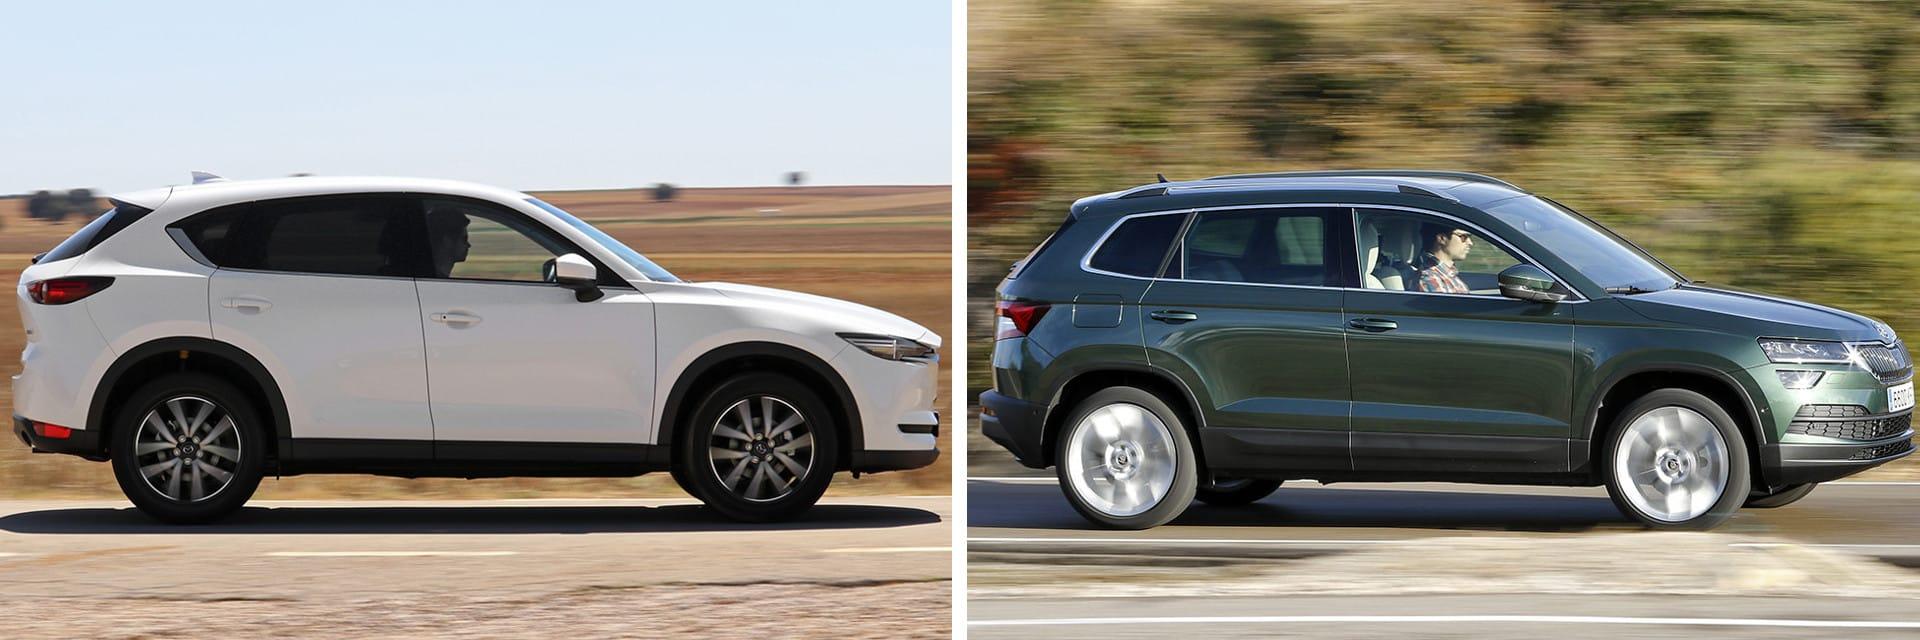 El consumo del Mazda (izq.) hizo un consumo de 6,9 l/100 km en autovía; el del Karoq (dcha.) fue de 6,5 l/100 km en el mismo trayecto.